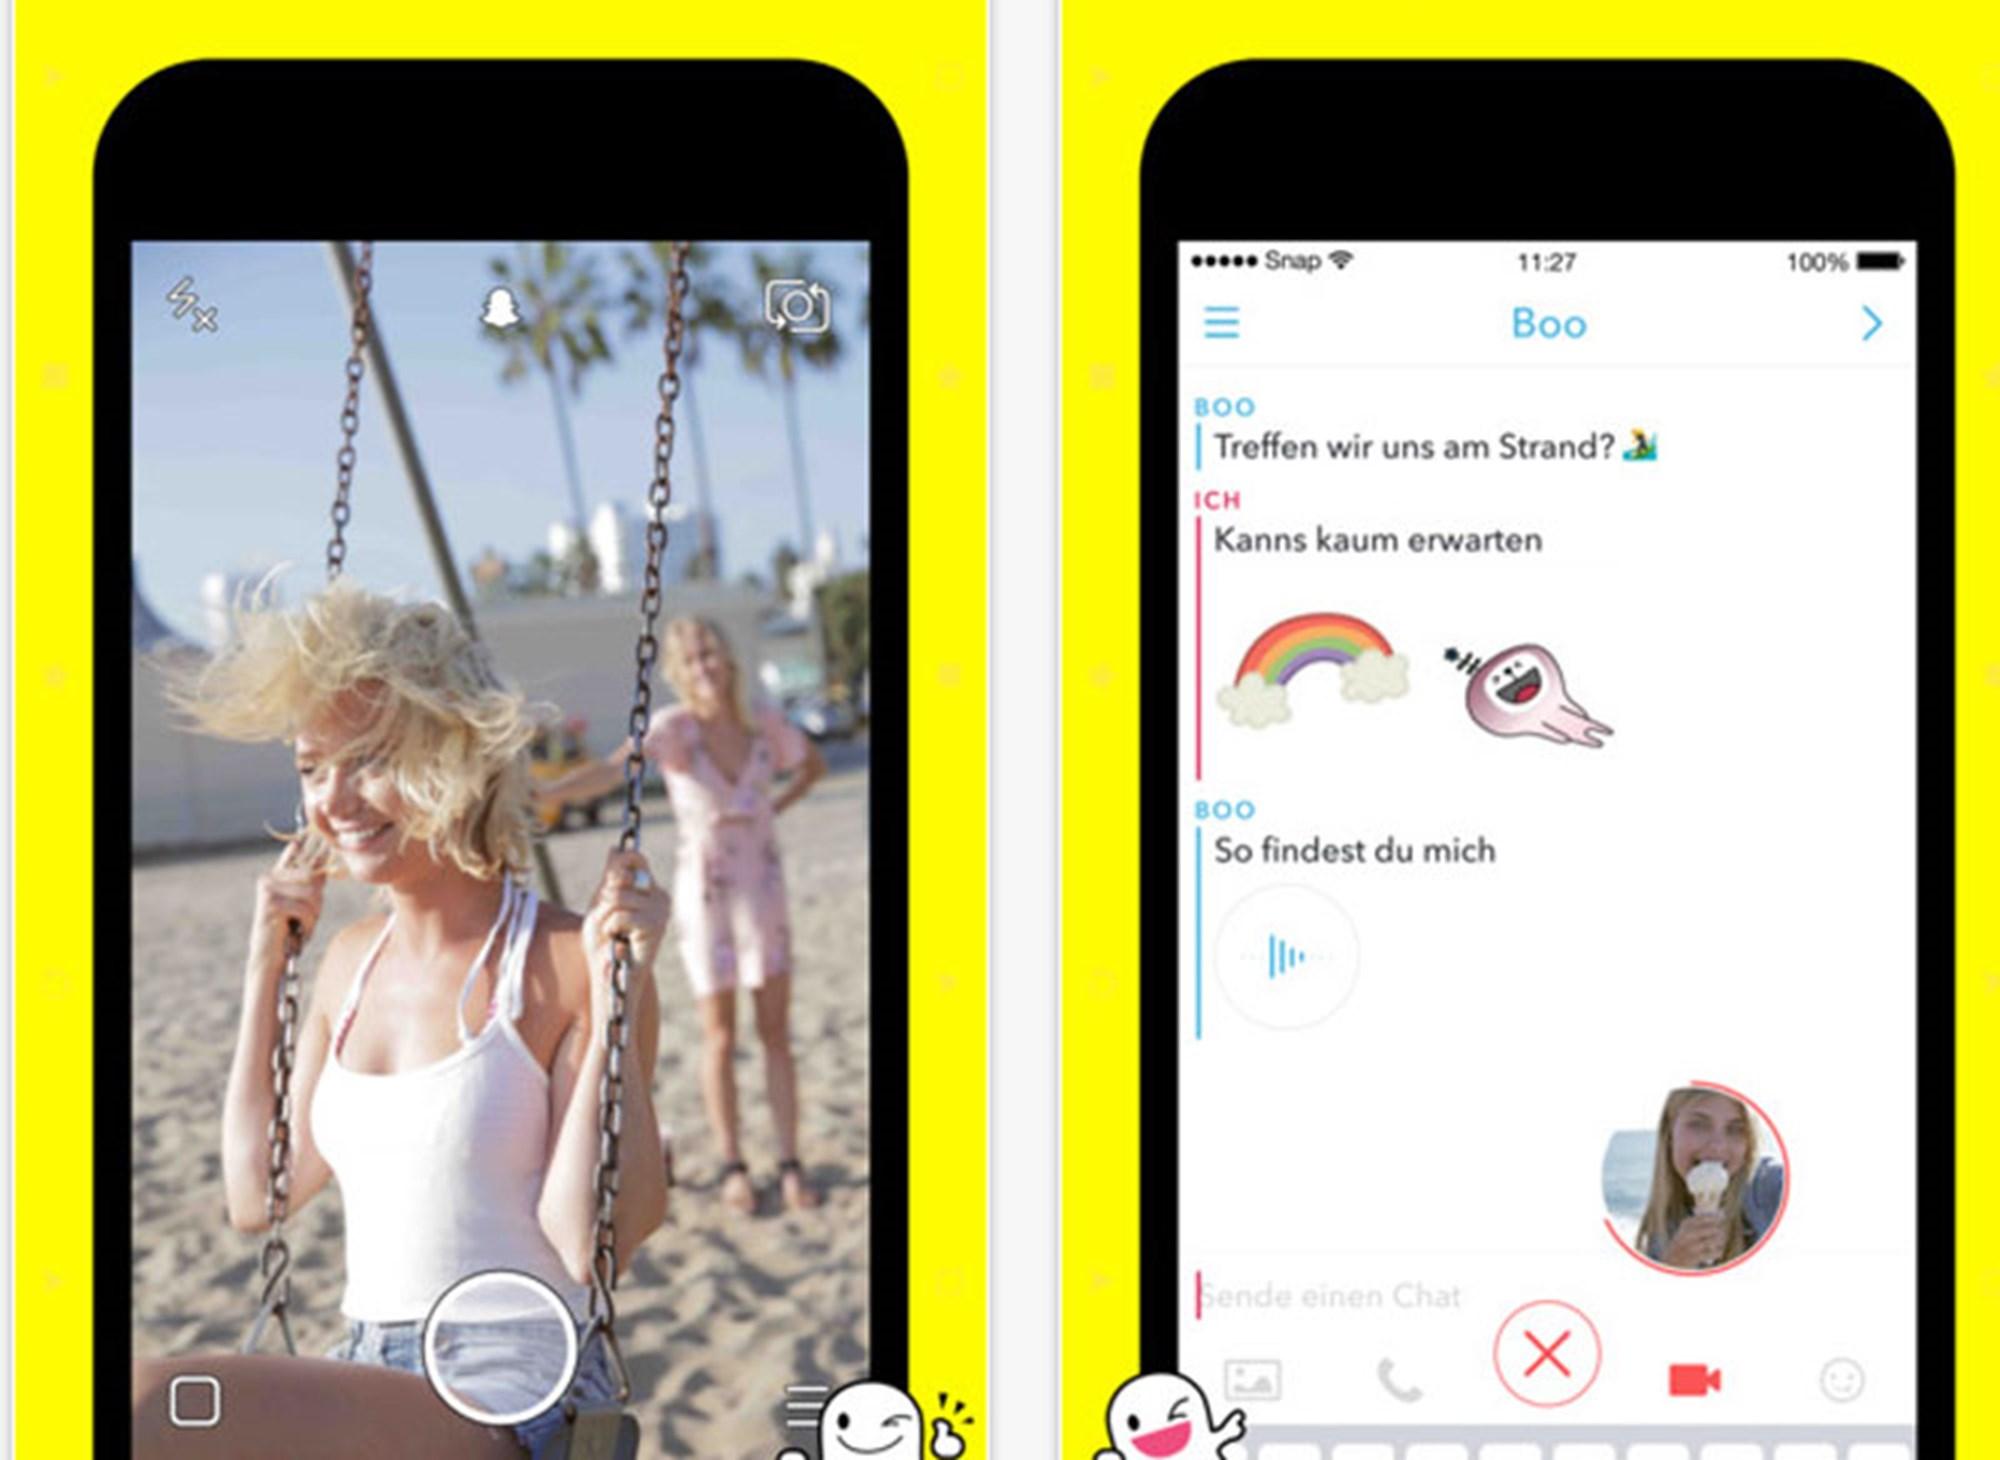 Snap-chat zum dating verwenden